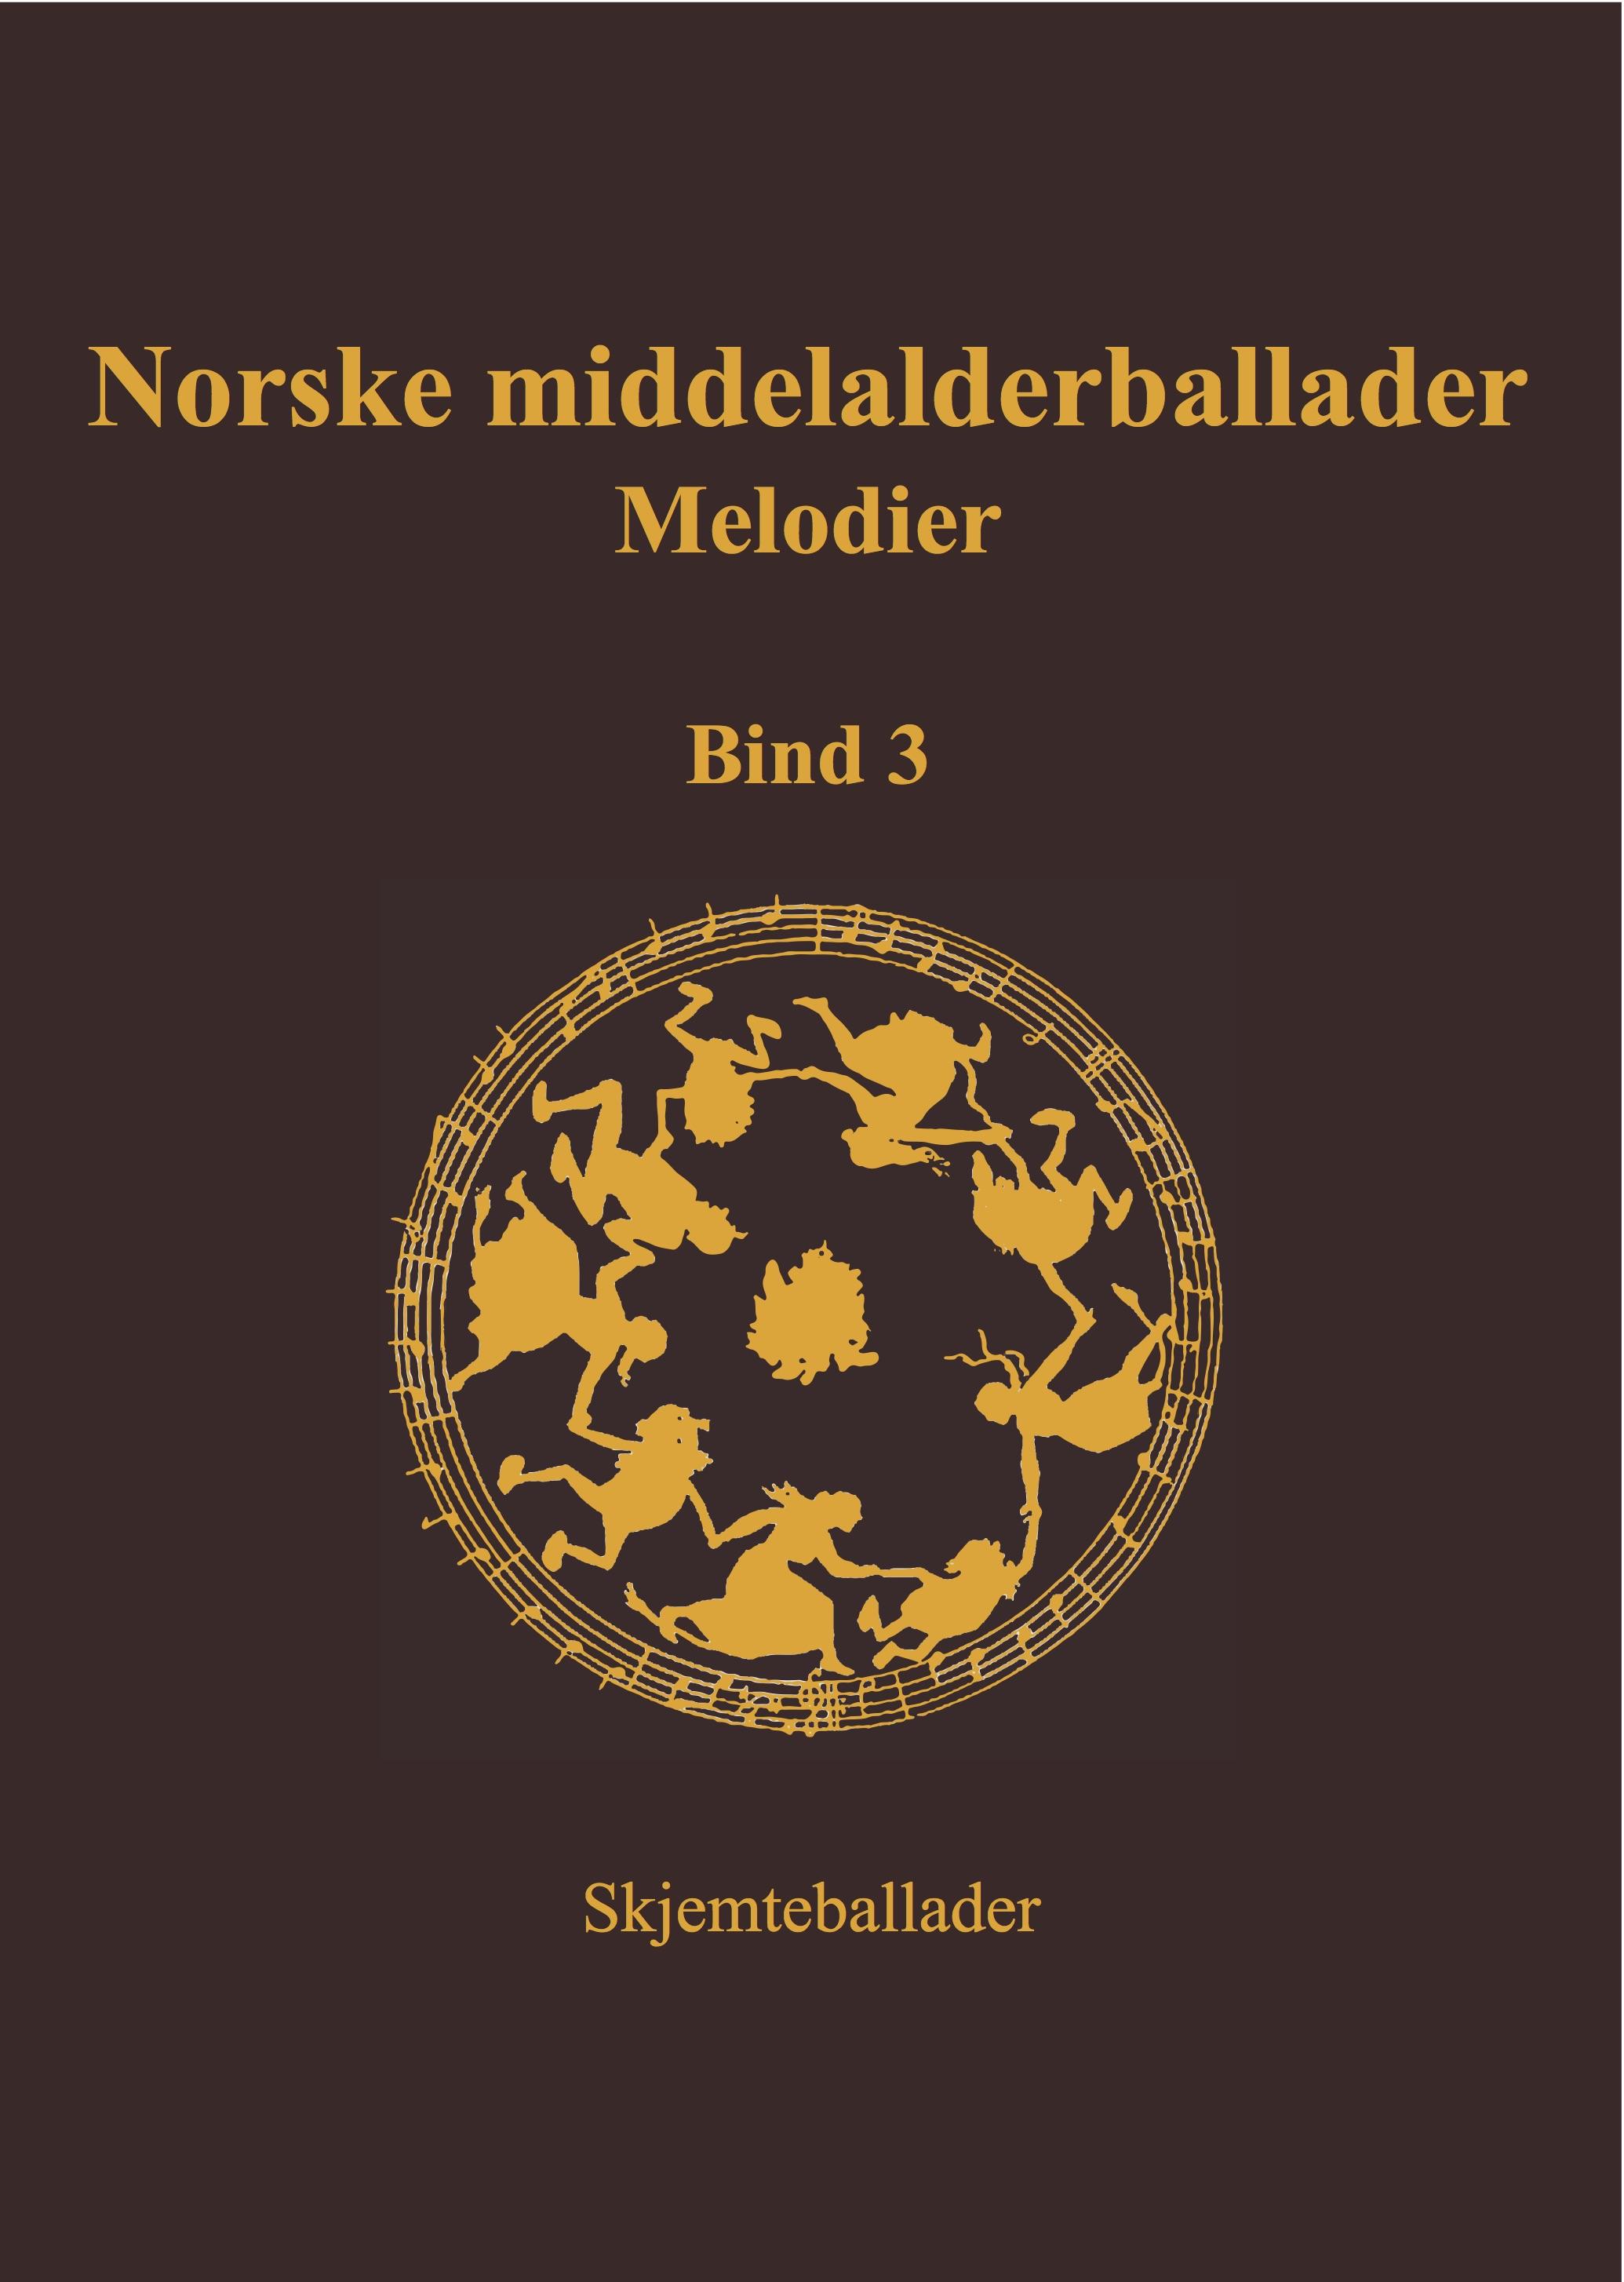 Norske middelalderballader bind 3